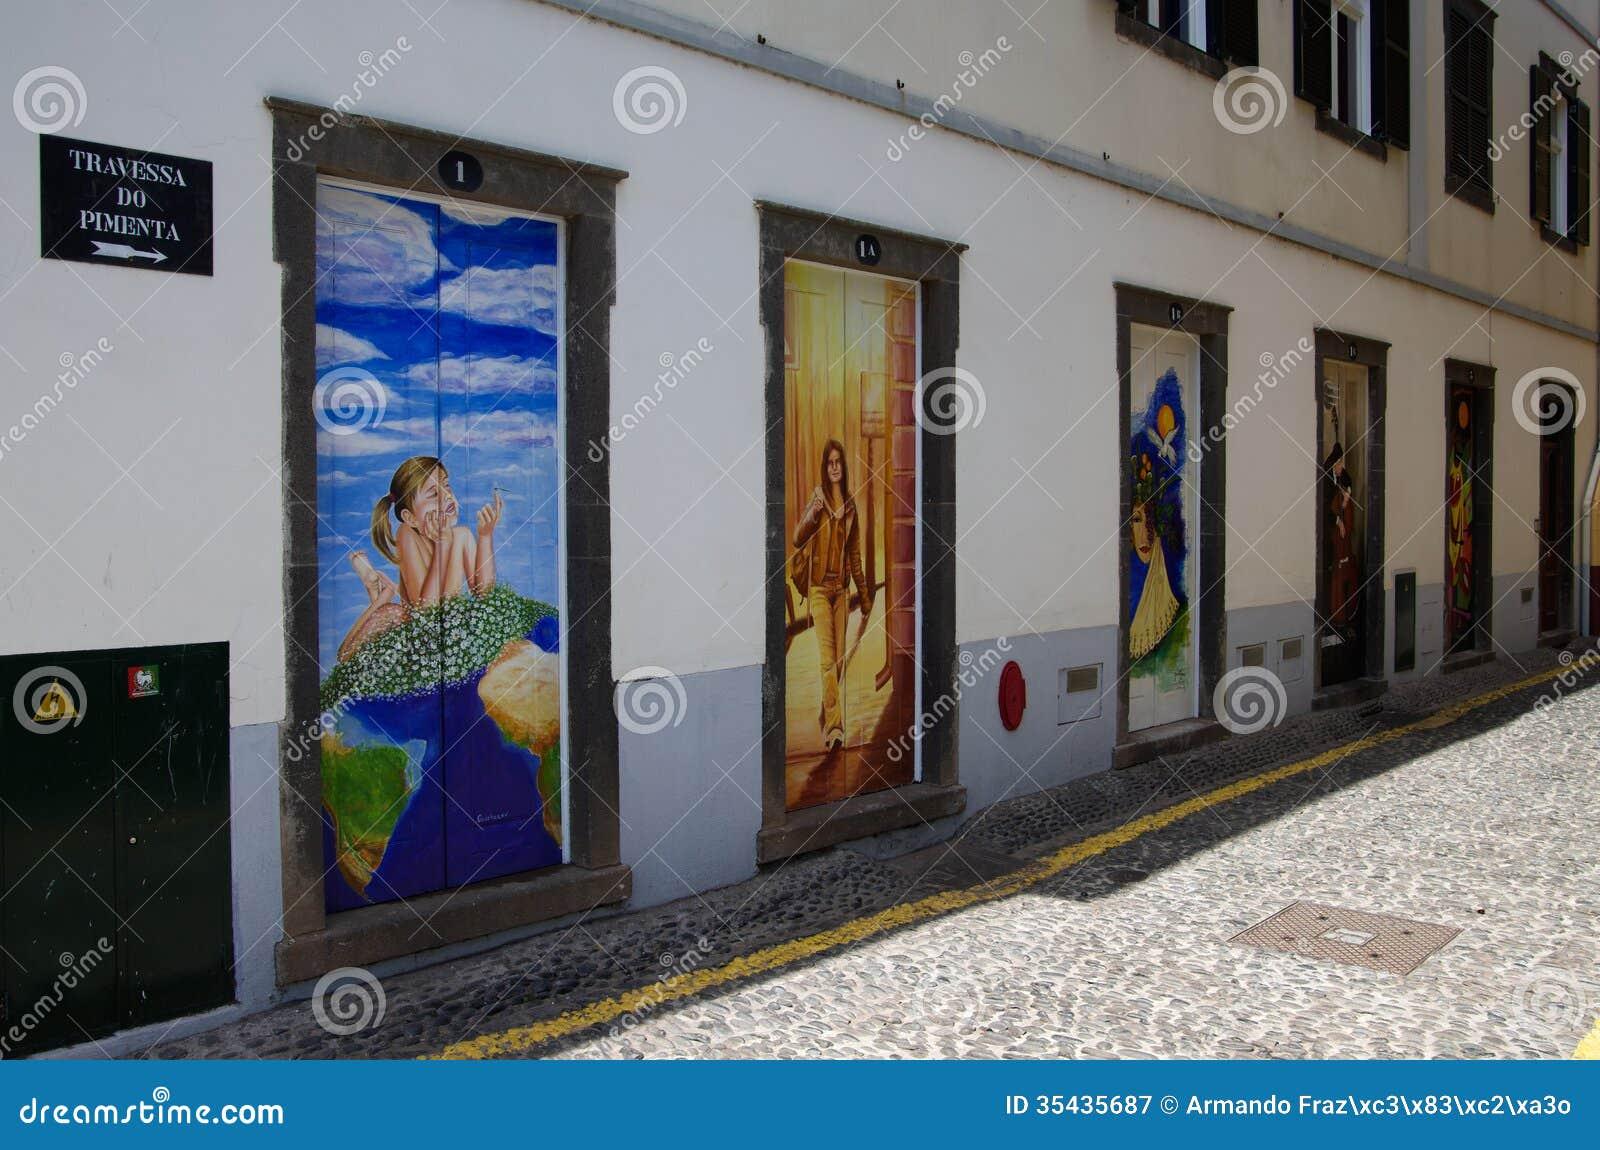 Street art - open door art - doors & Street Art - Open Door Art - Doors Editorial Photography - Image of ...